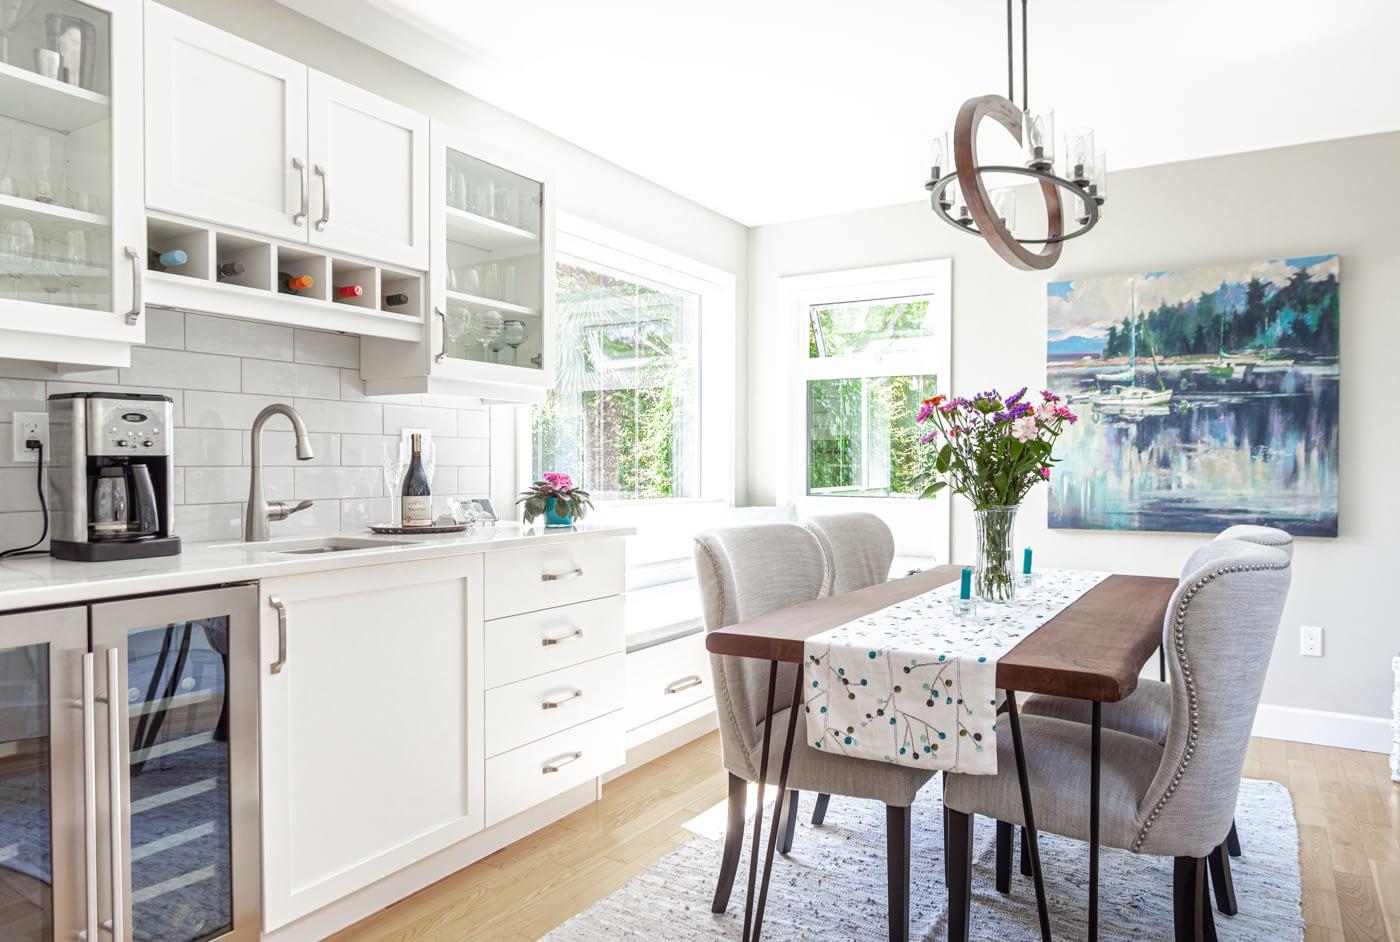 Bathroom Design | kitchen Design in London